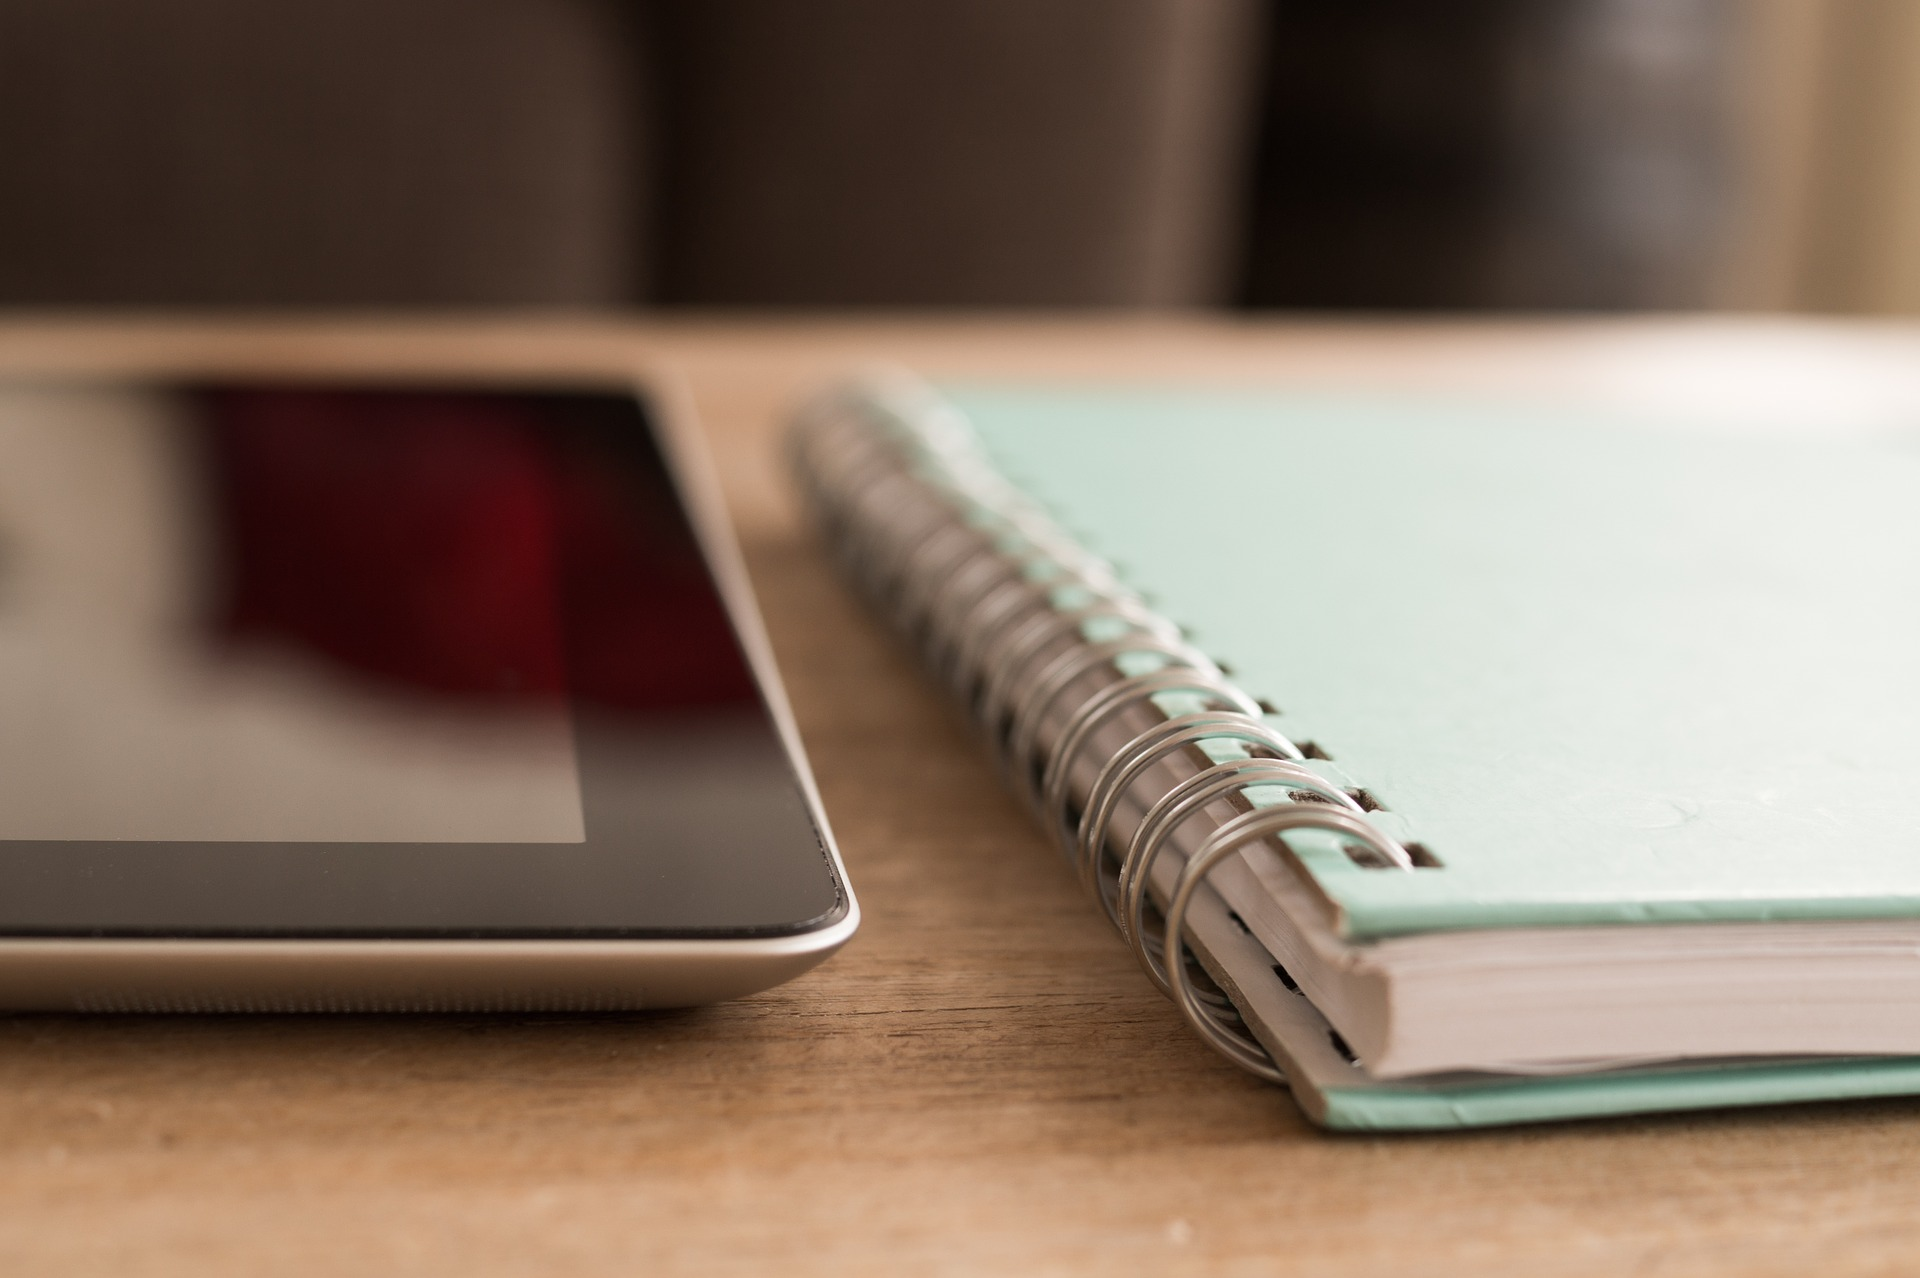 notebook-738794_1920